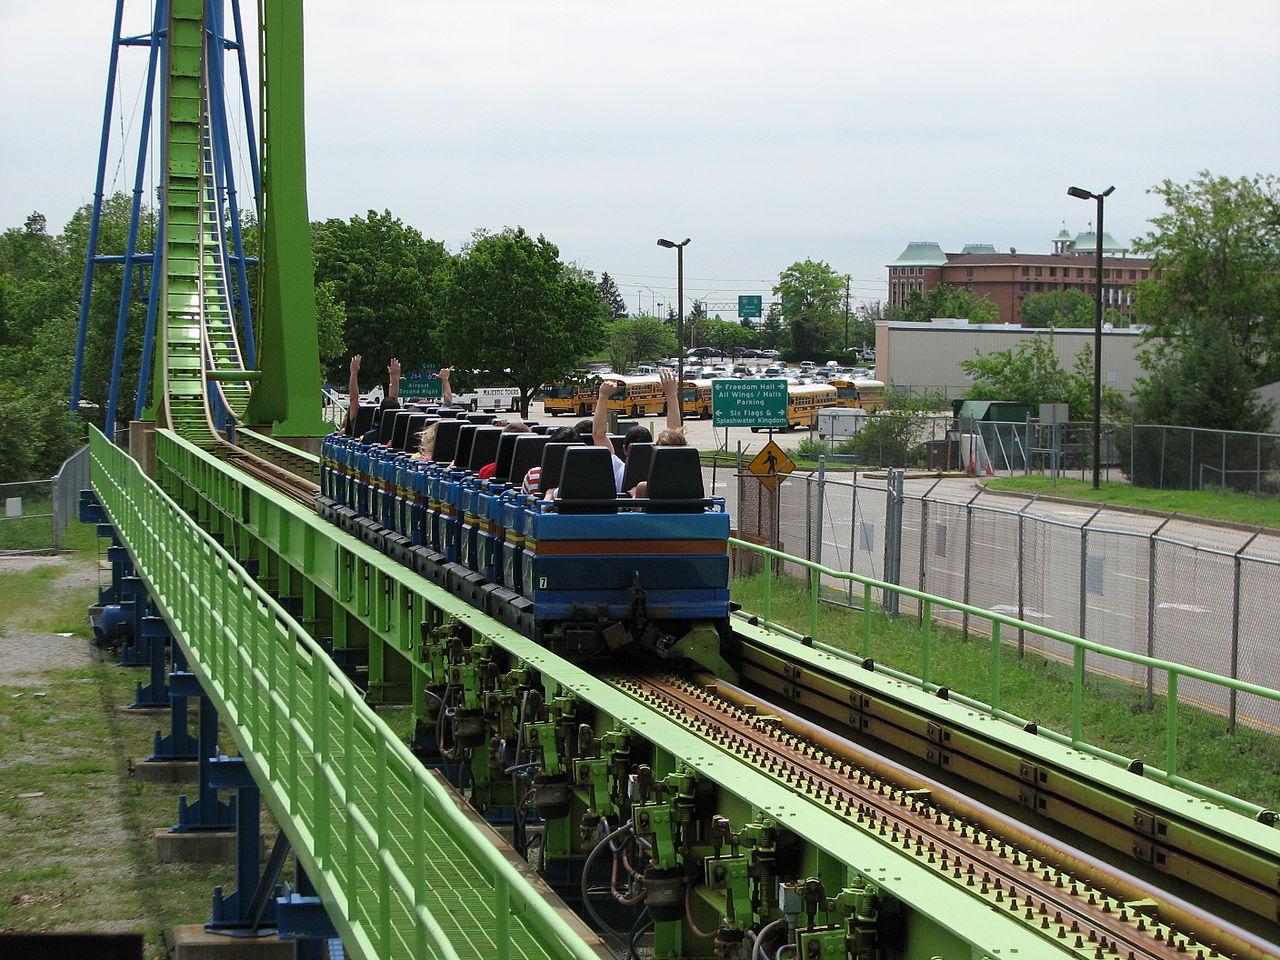 File Greezed Lightnin at Six Flags Kentucky Kingdom 2jpg   Wikimedia qT7EfT25